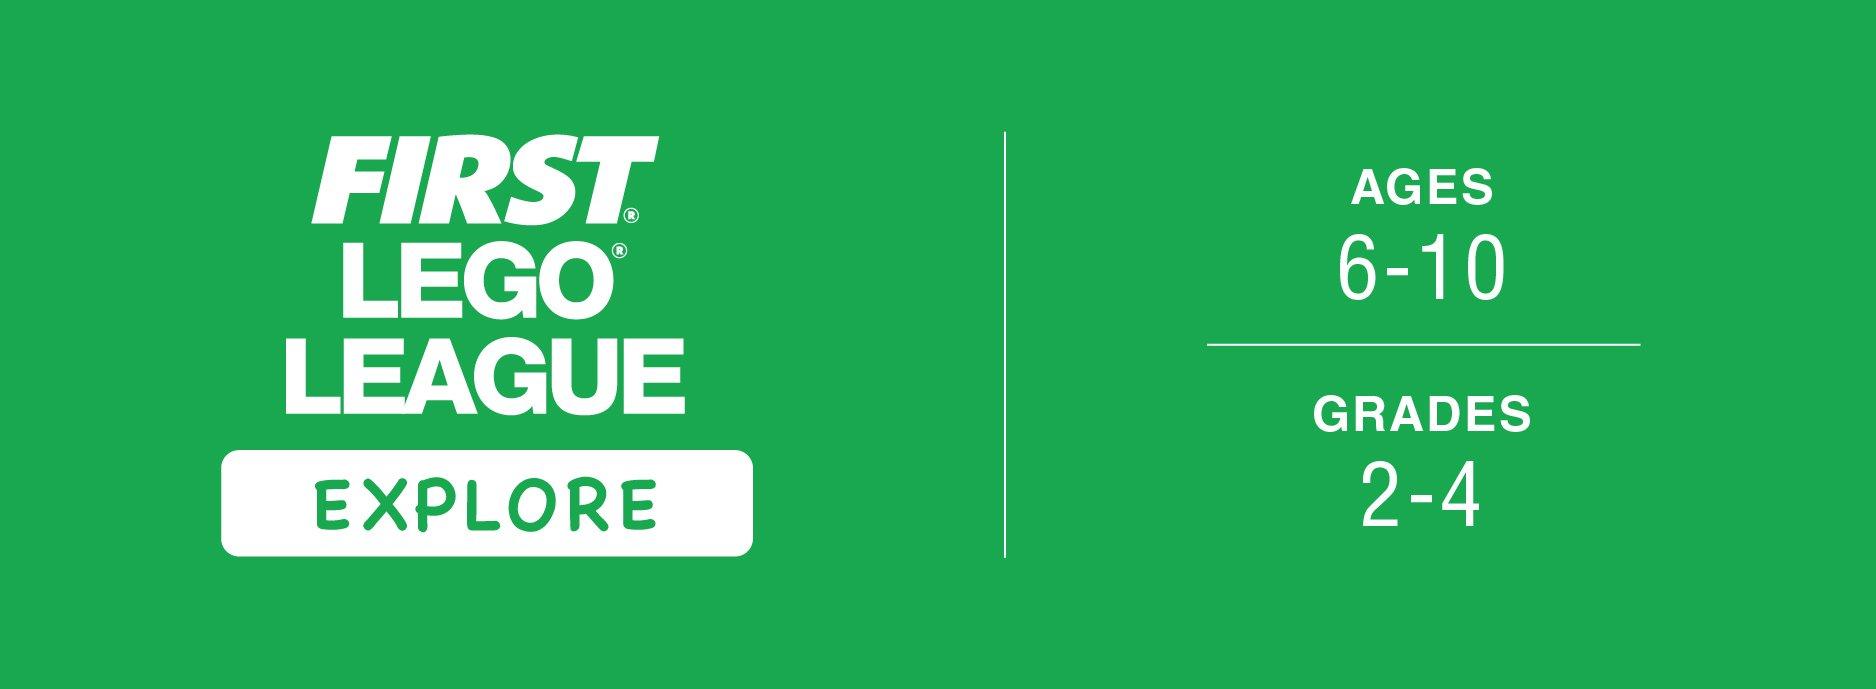 FIRST LEGO League Explore Logo